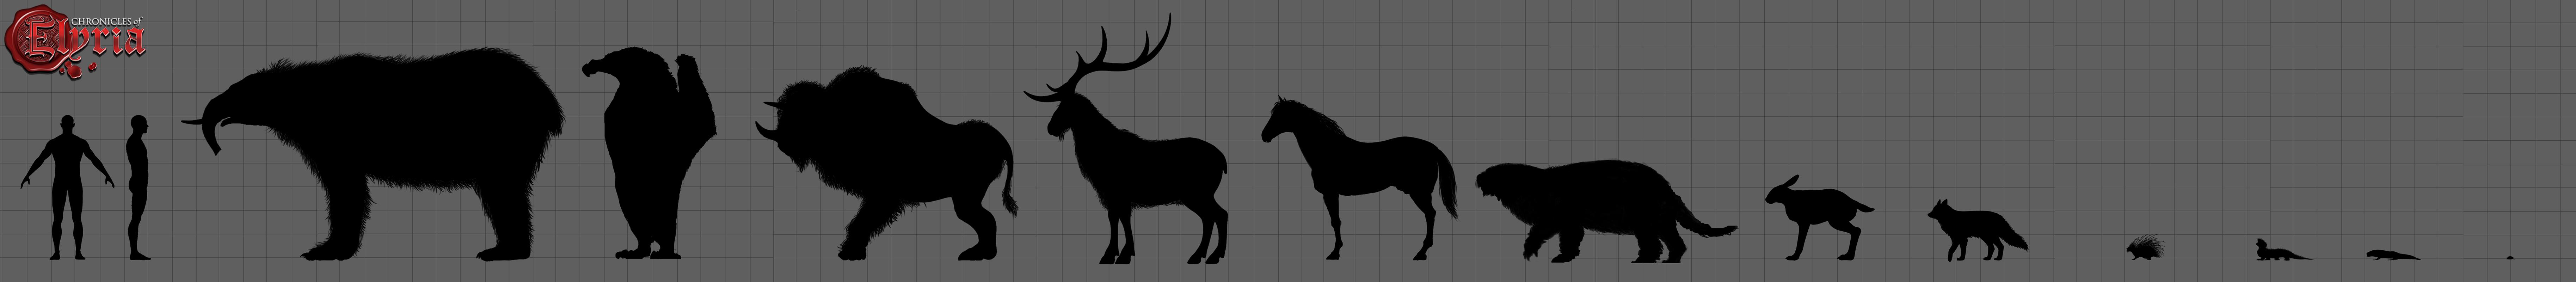 Ein Größenvergleich verschiedener Tiere